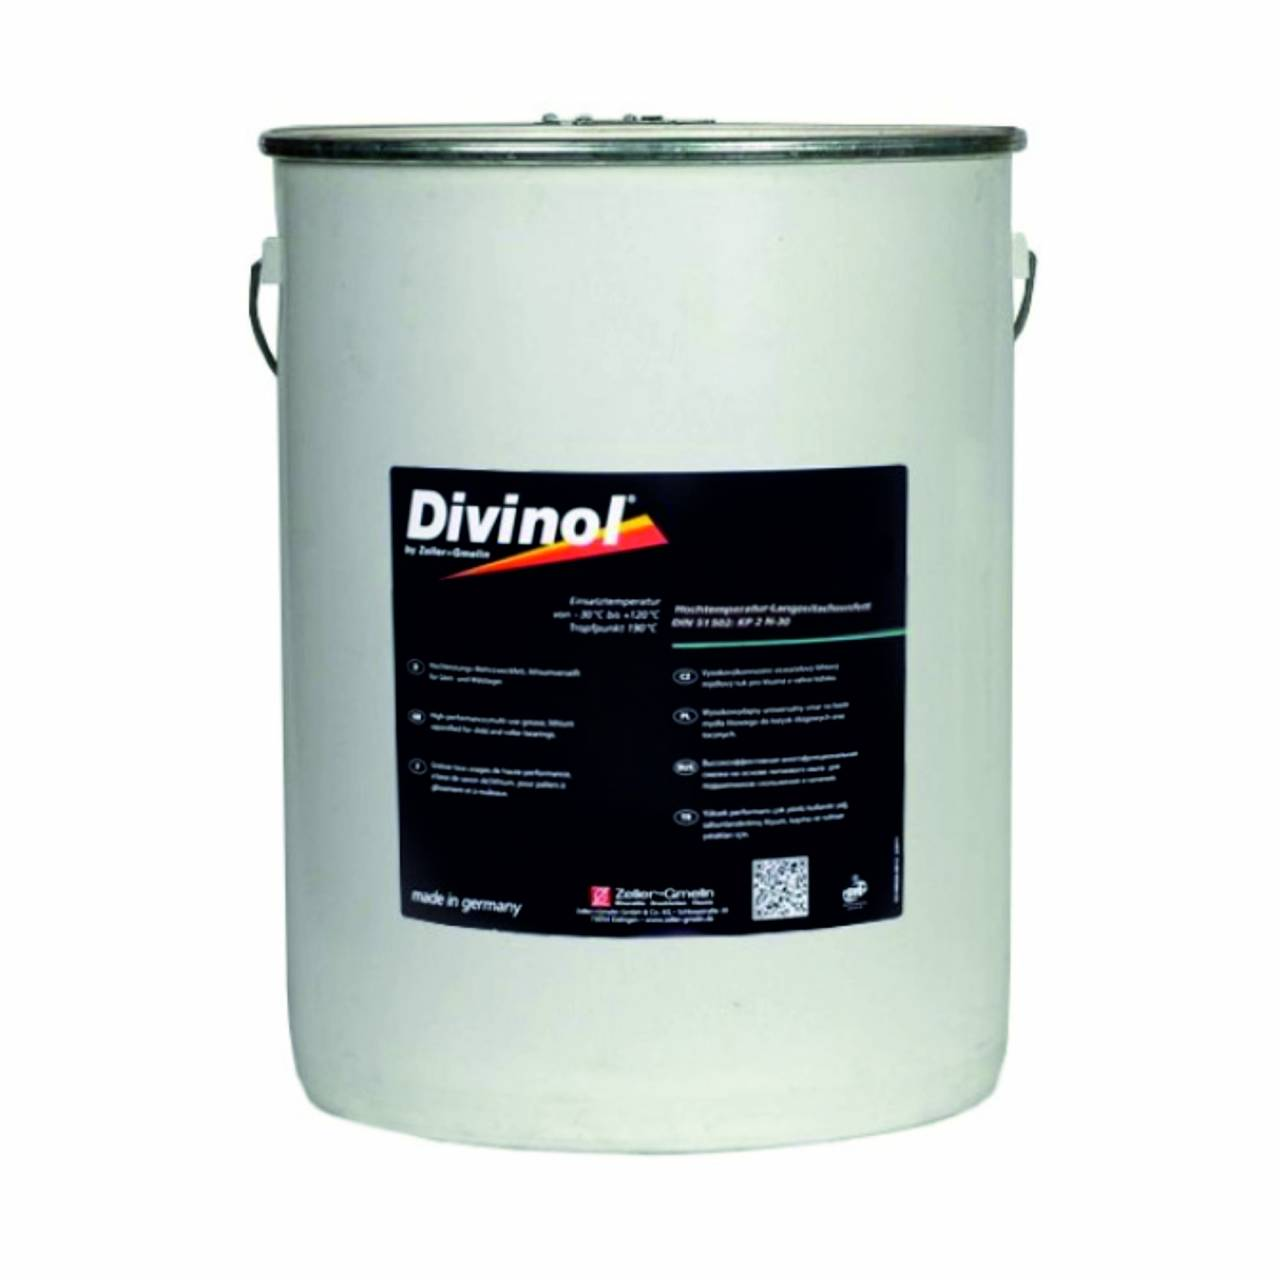 Hydrantenfett 'Divinol 85010' / 15 kg Gebinde